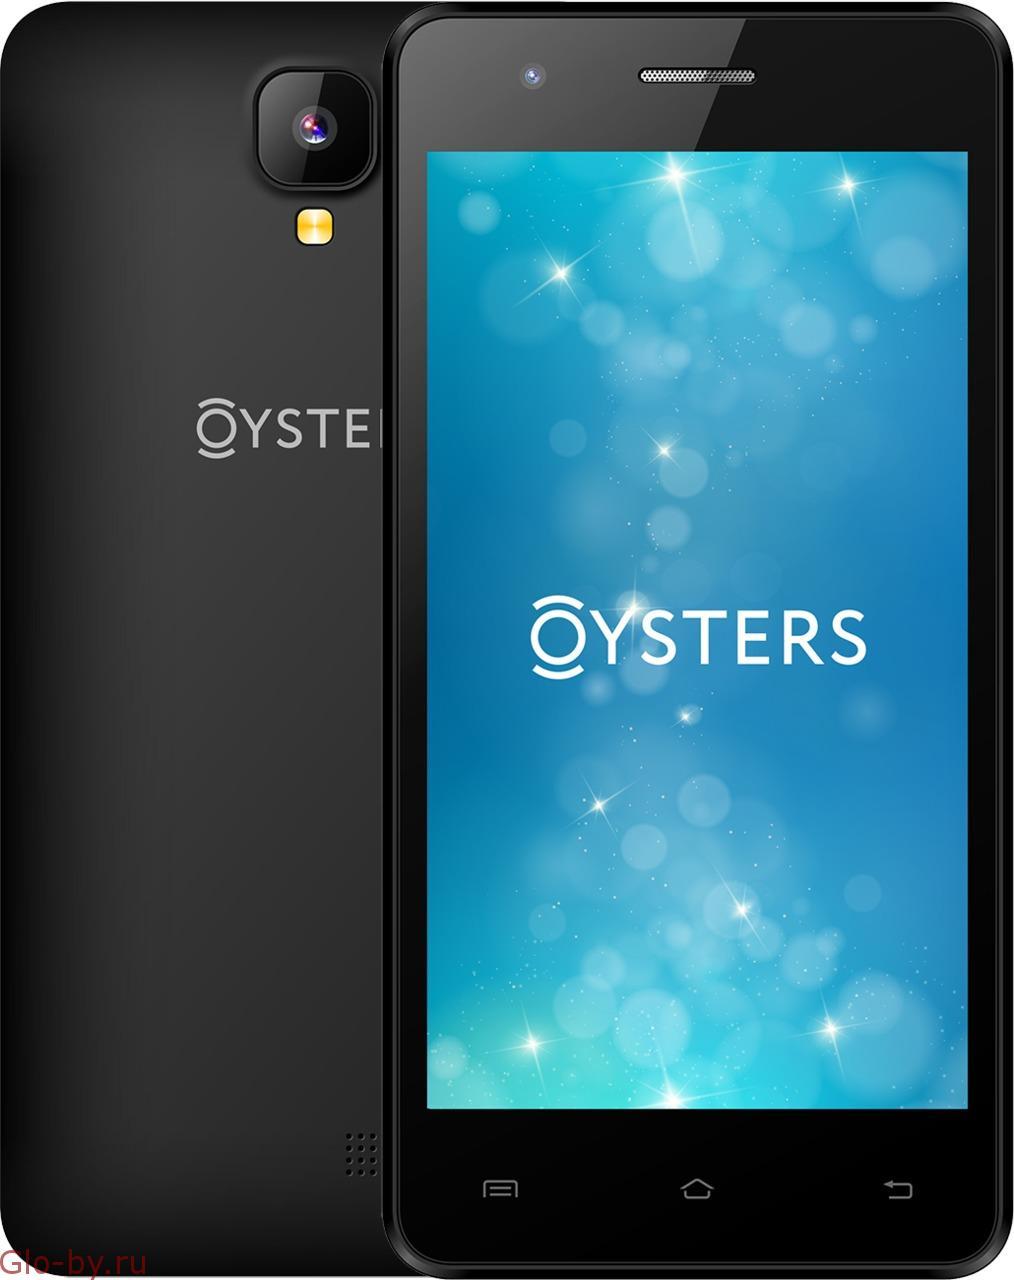 Oysters T74HMi 4G мегафон разблокировка - код разблокировки от оператора